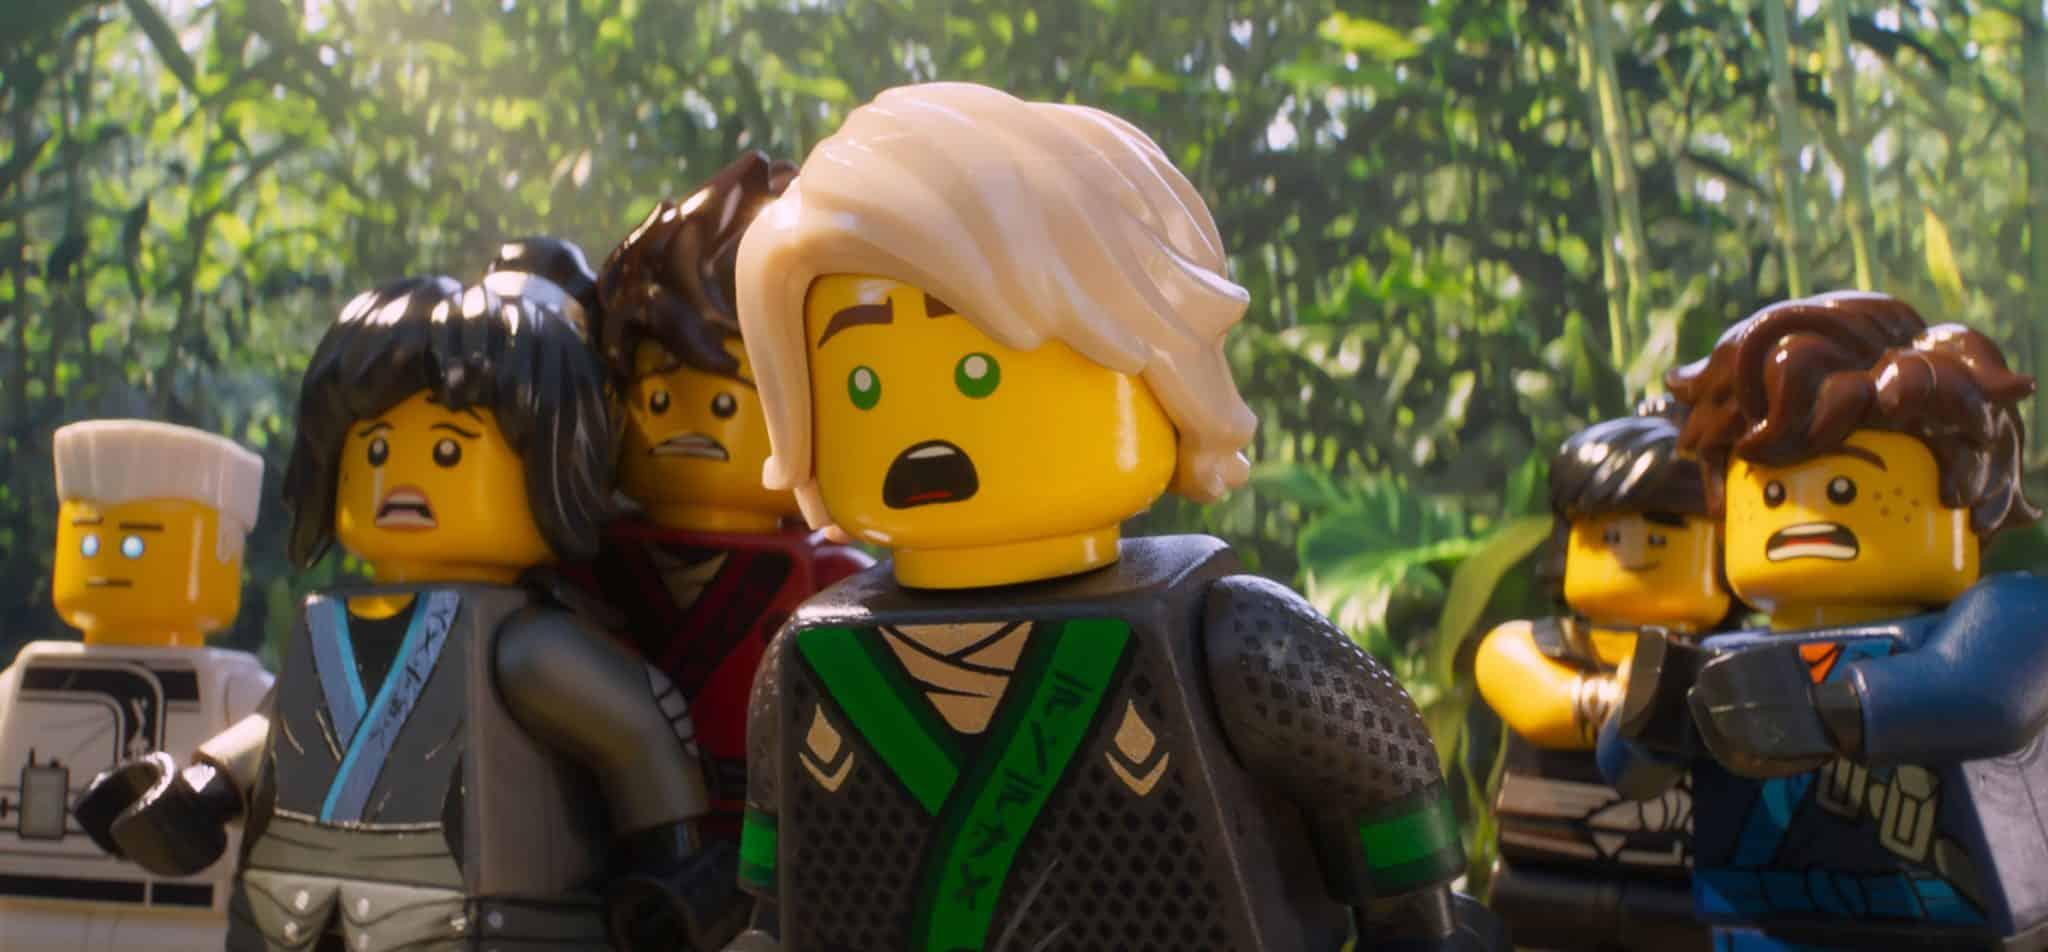 Lego humor funguje, no už nie je zabalený v špeciálnej forme predošlých filmov